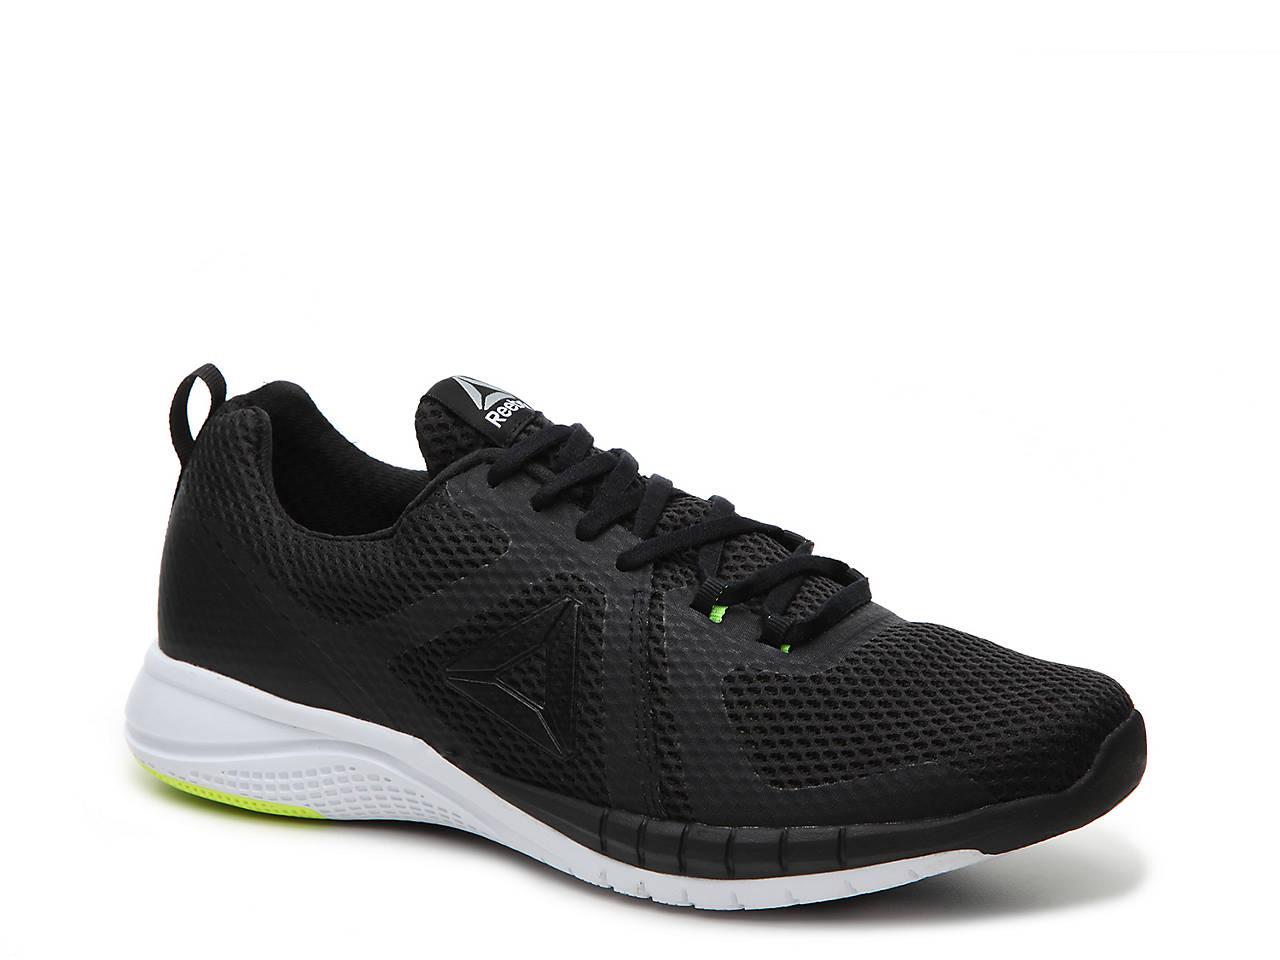 Reebok ZPrint 2 Lightweight Running Shoe - Men s Men s Shoes  03d18d331